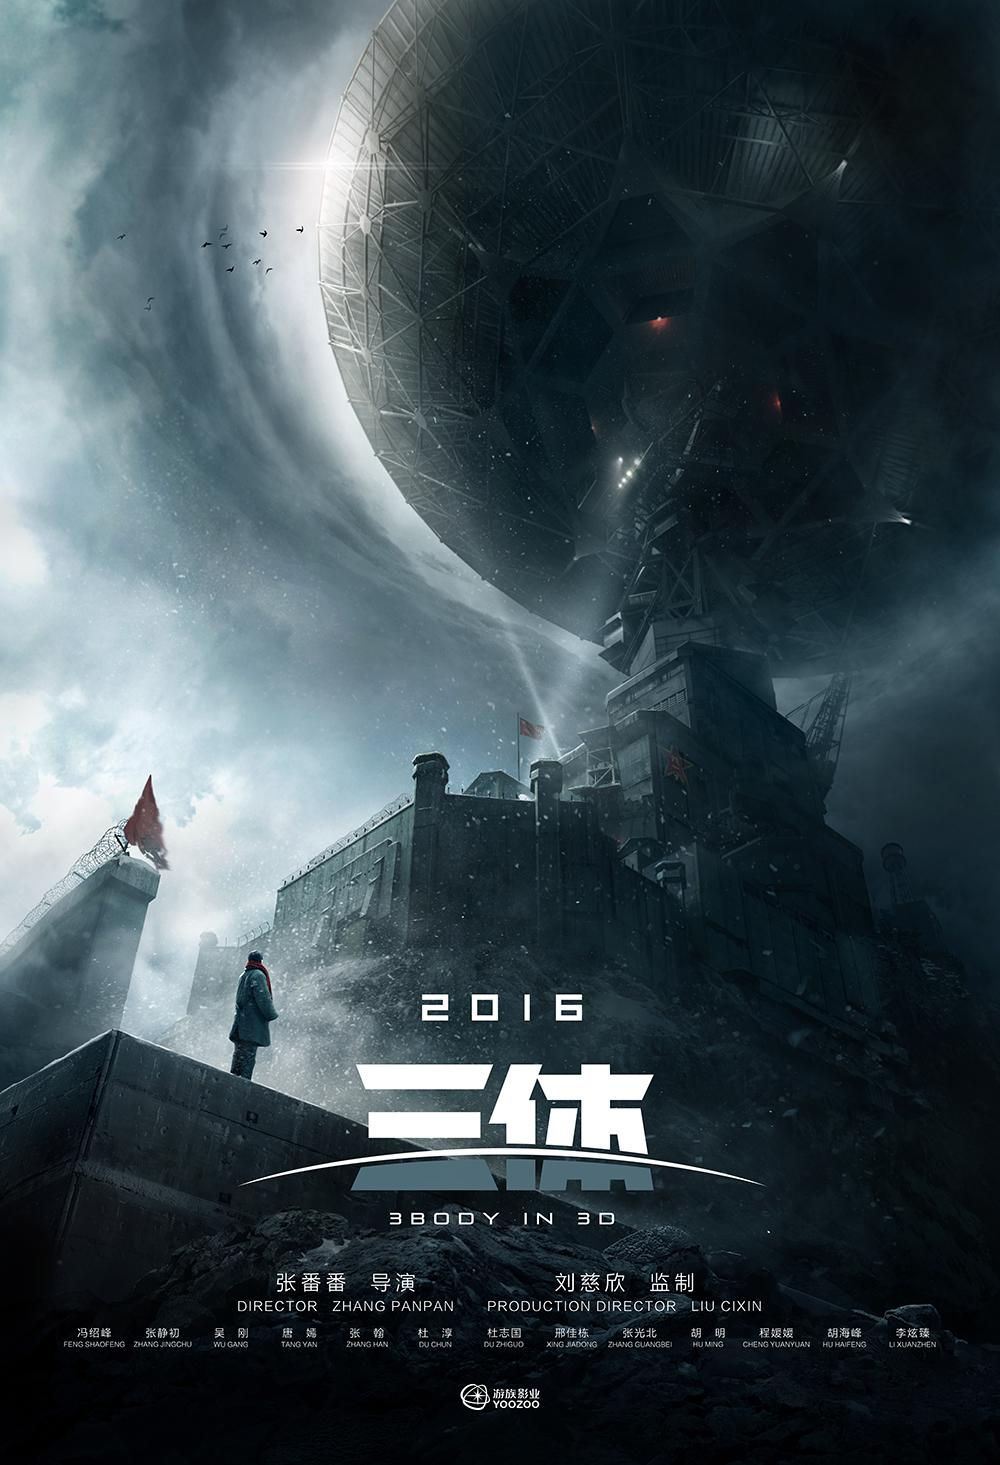 海报证明三体电影版不会拍成偶像电影,以硬科幻感大片风正面回应了